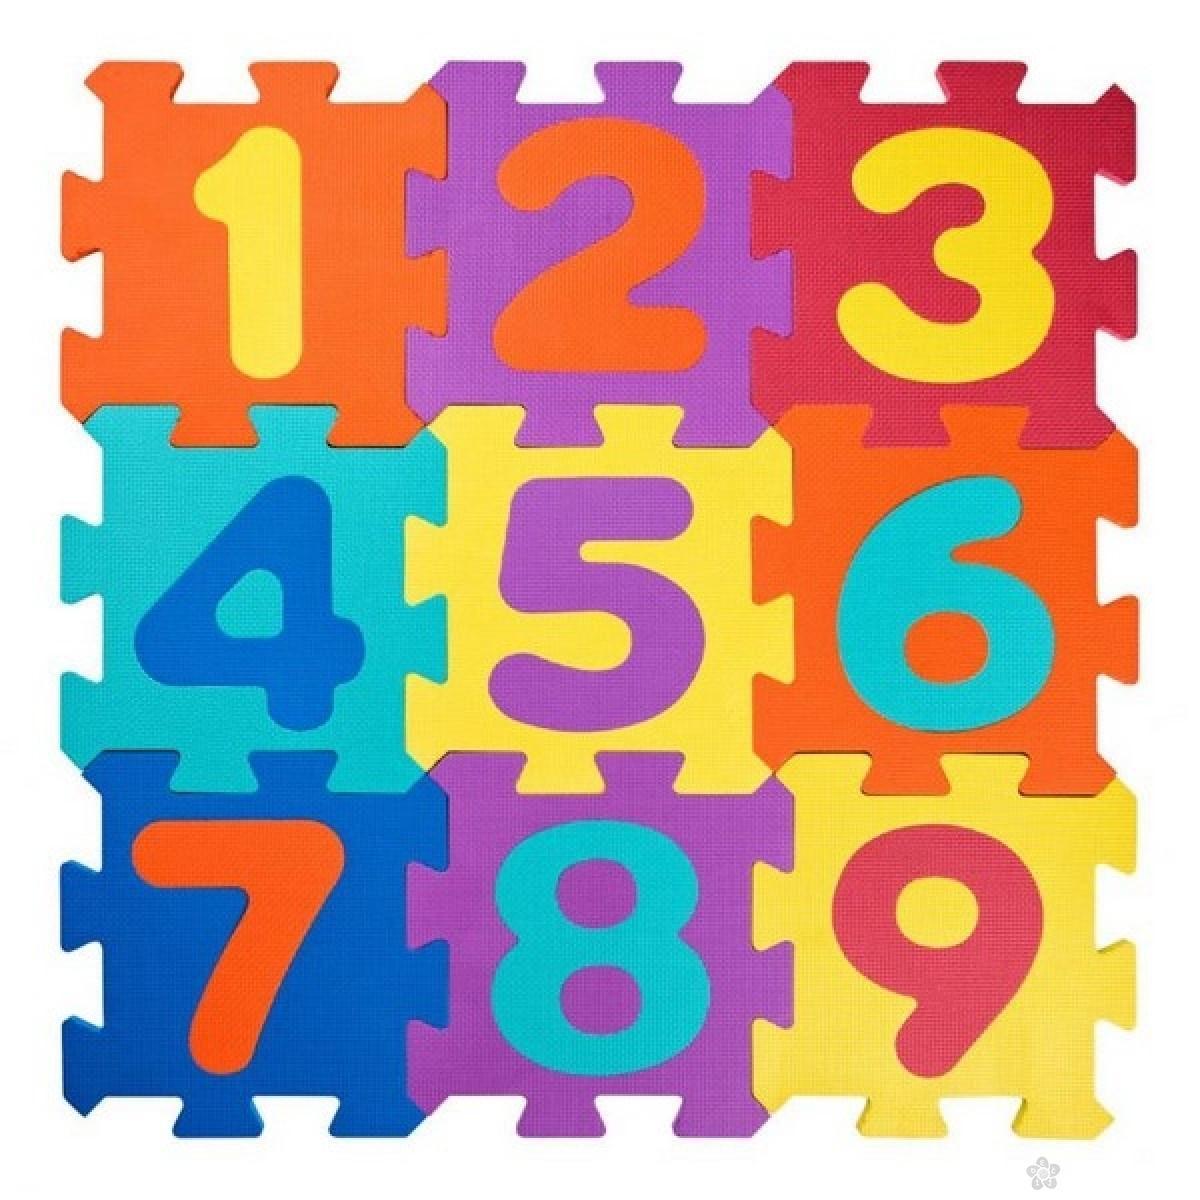 Podna prostirka sa brojevima 91627